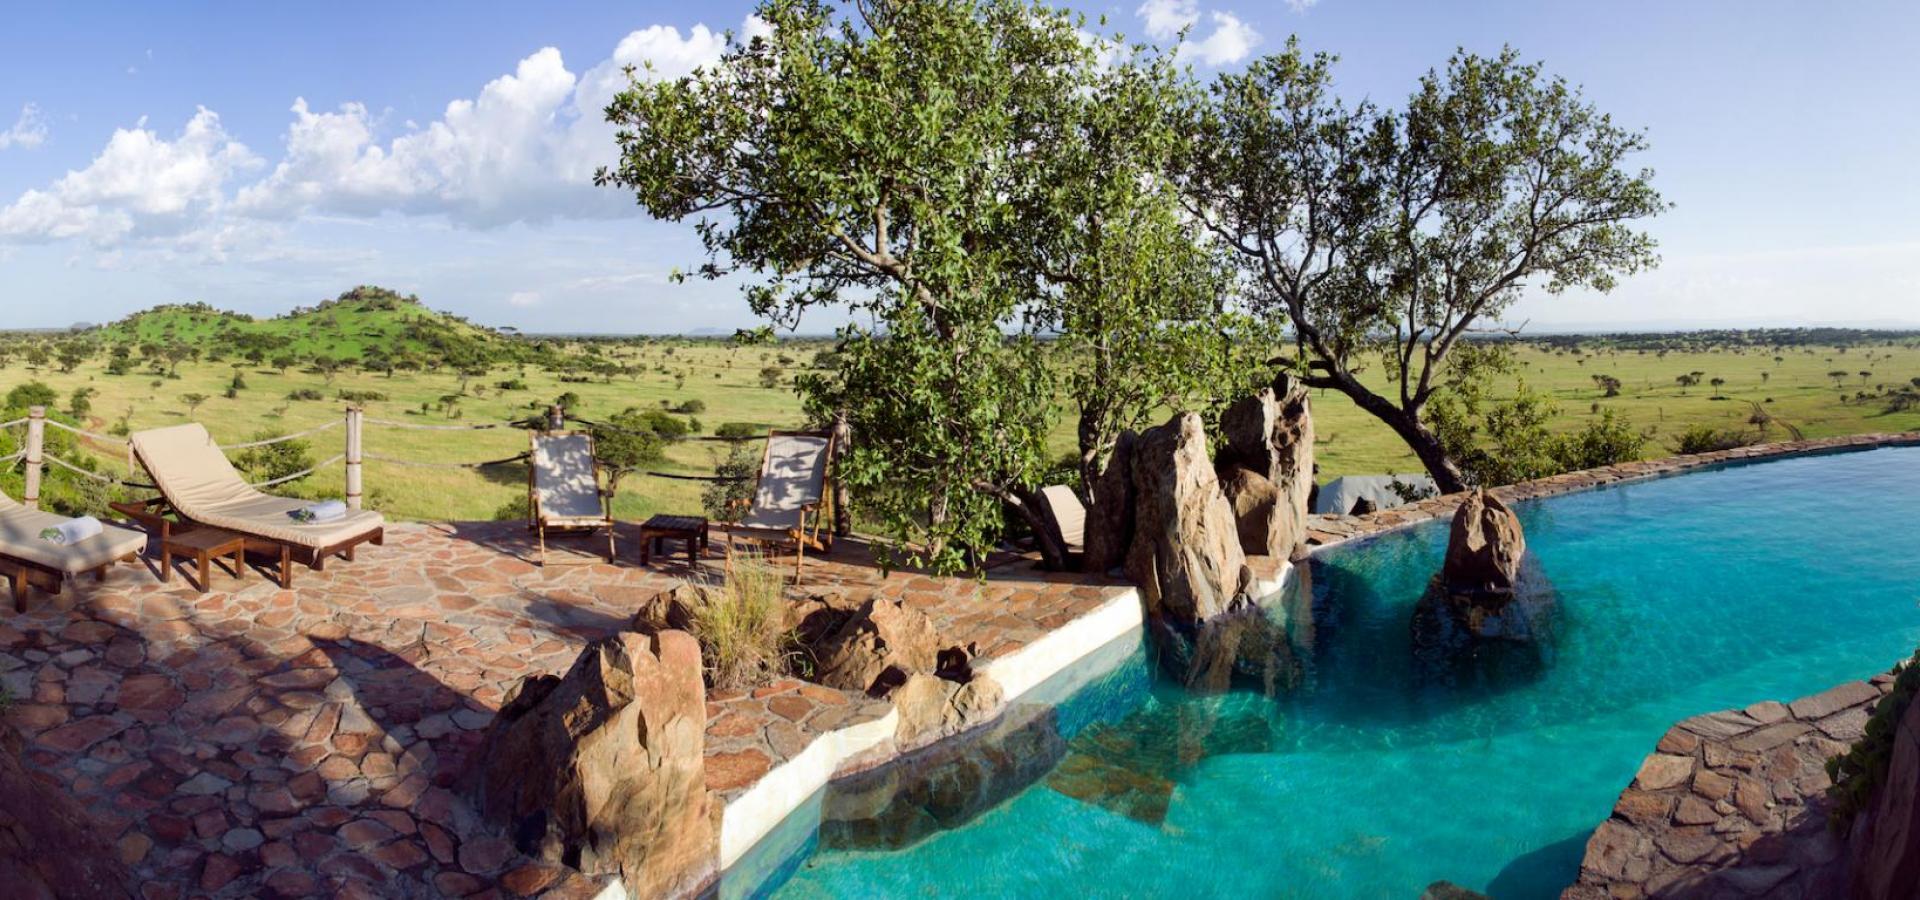 Spannende Safariaktivitäten und Baden auf Zanzibar